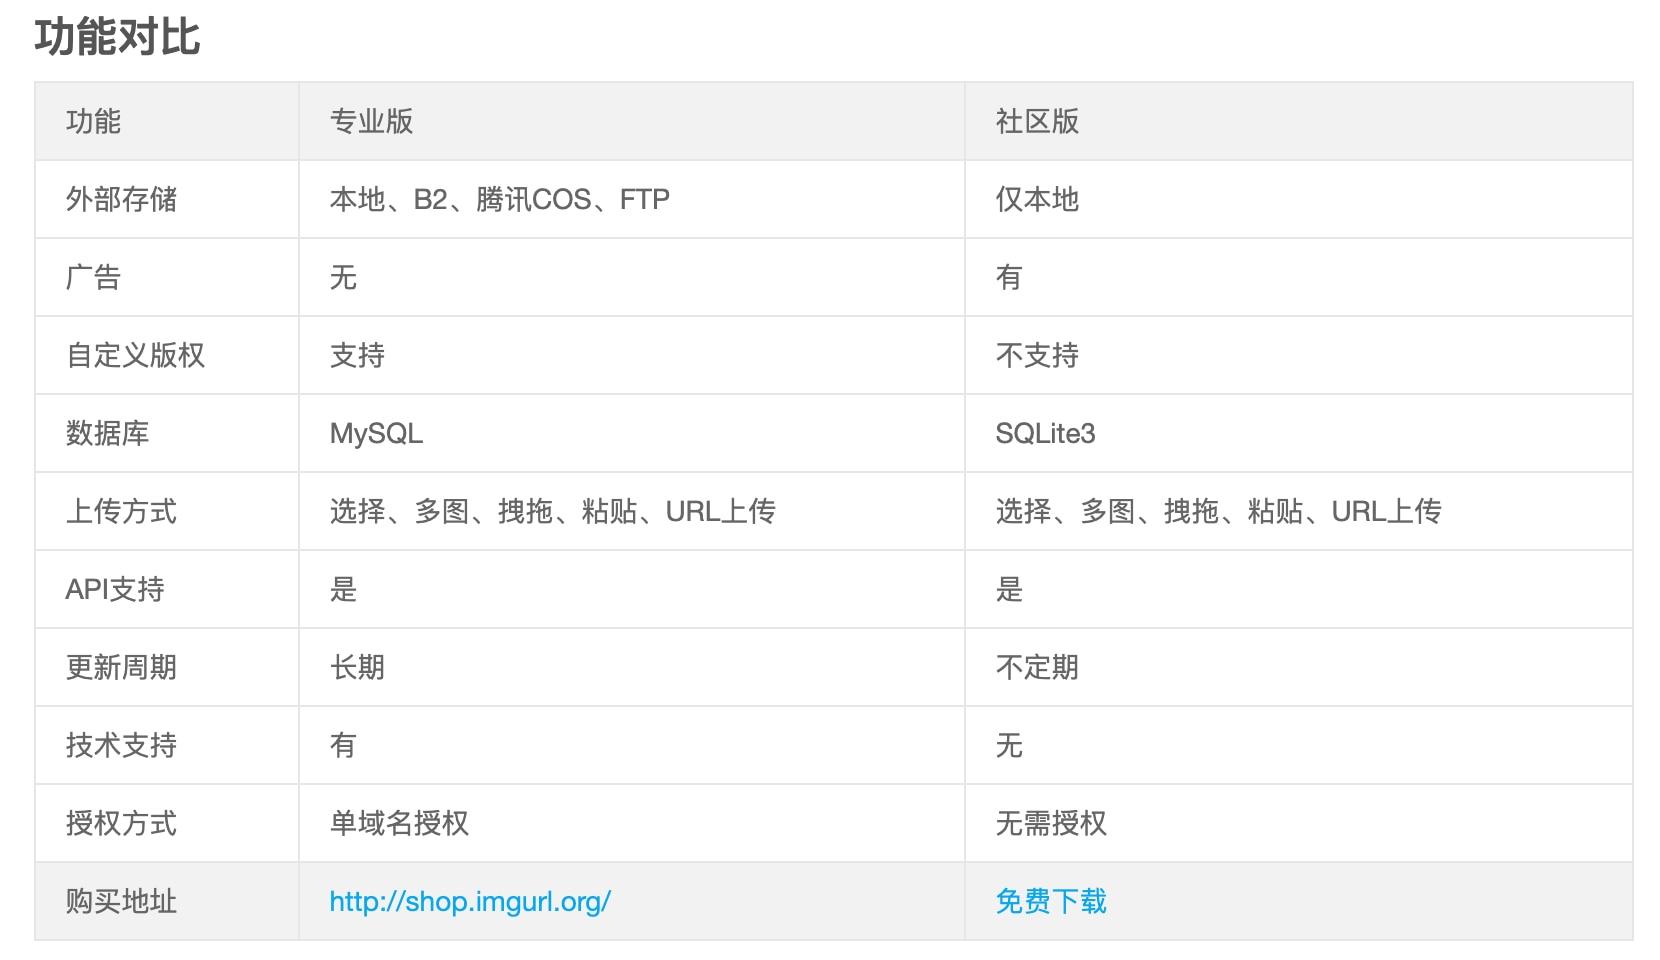 羊毛党之家 ImgURL Pro专业版发布 售价198元 支持外部存储 [现在购买6折优惠]